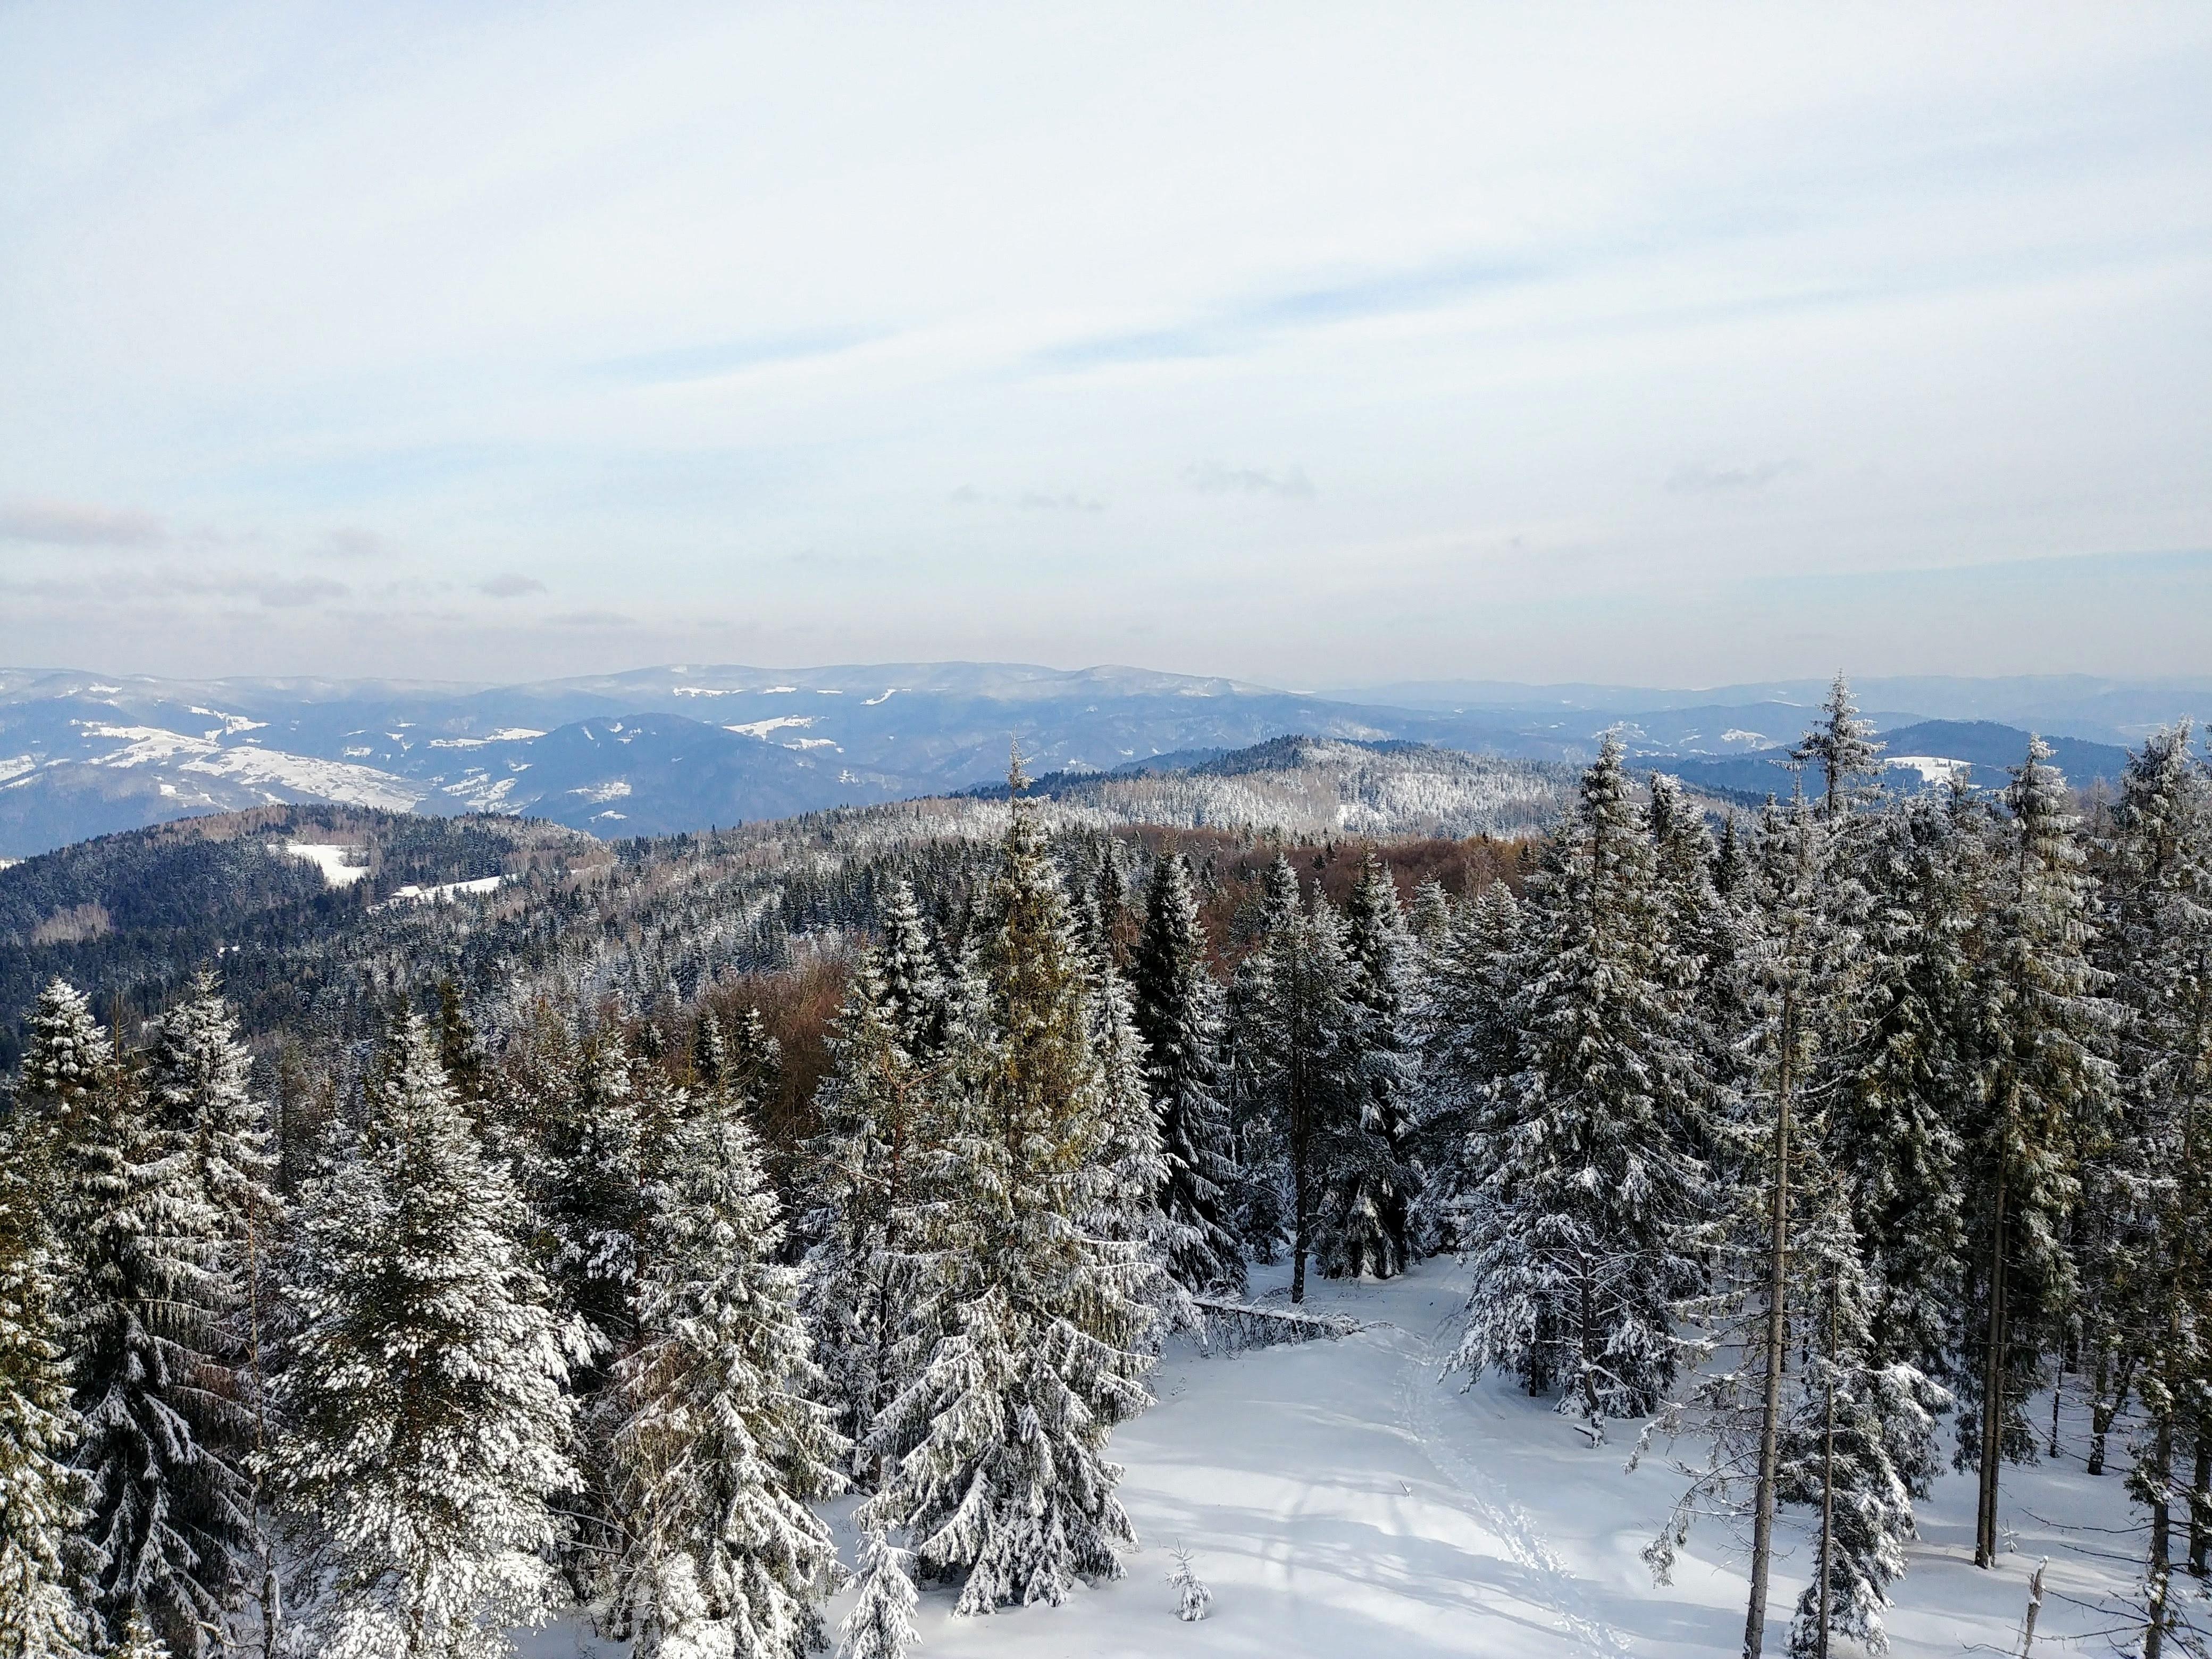 Widok z wieży widokowej na Eliaszówce wynagradza wszelkie trudy :)